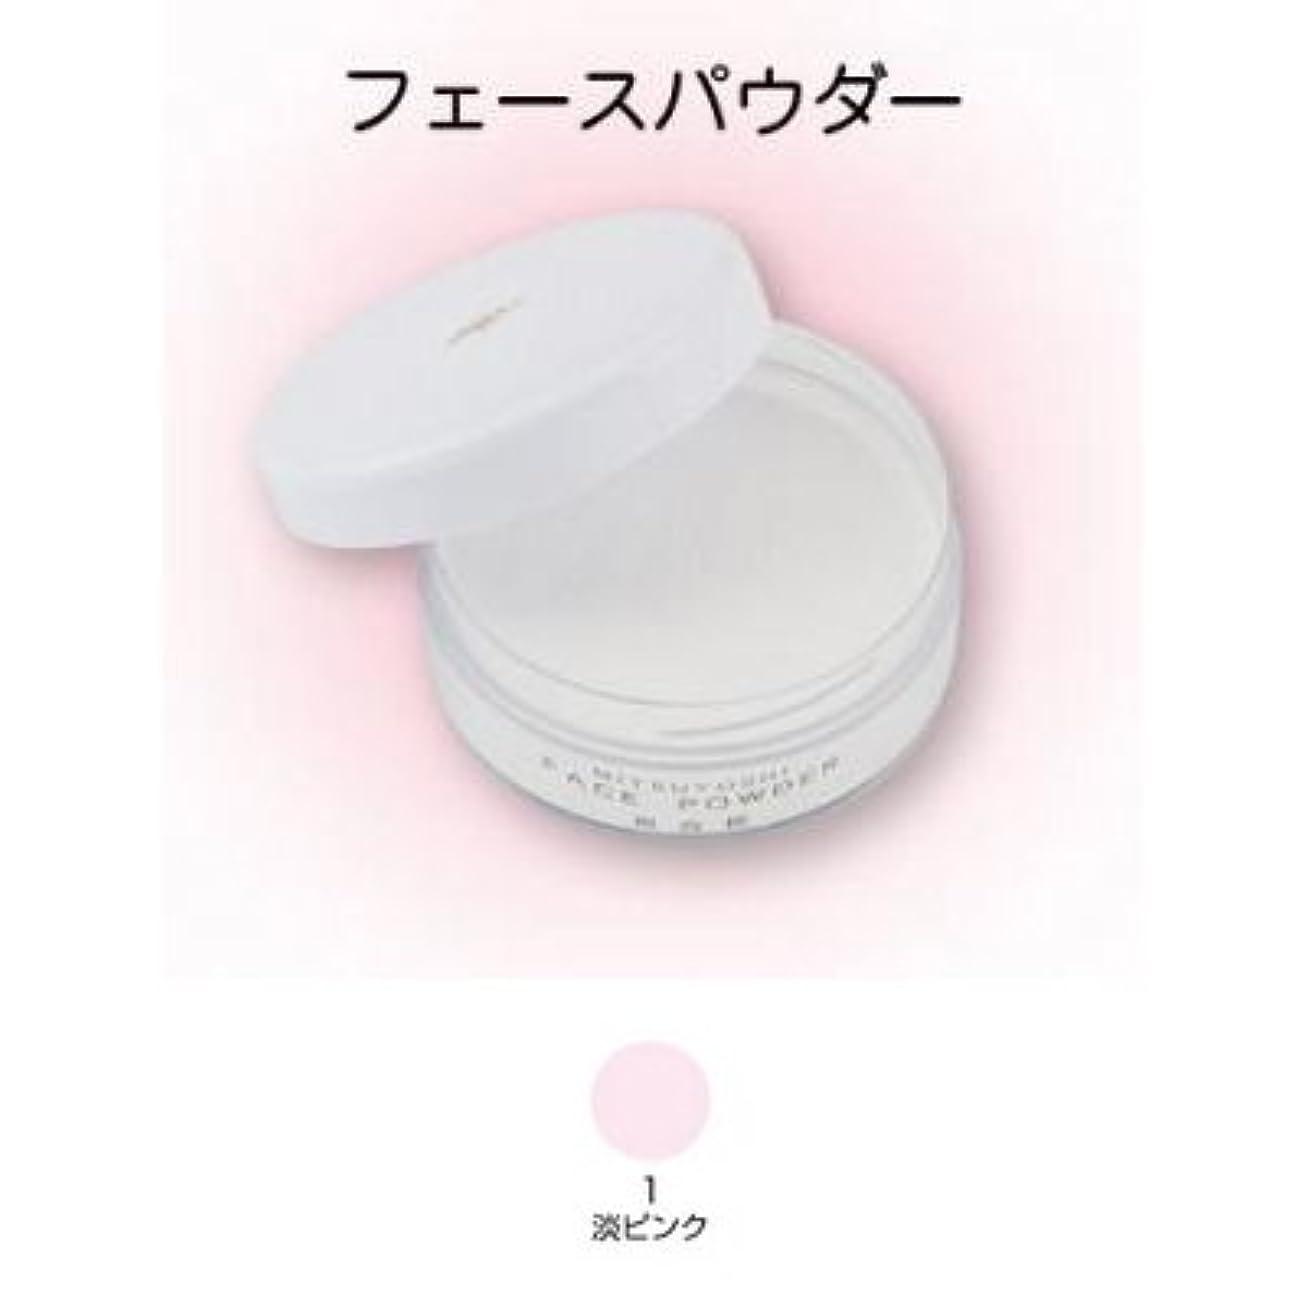 オーバーランアソシエイト化粧粉白粉 (こなおしろい) 50g 1淡ピンク 【三善】